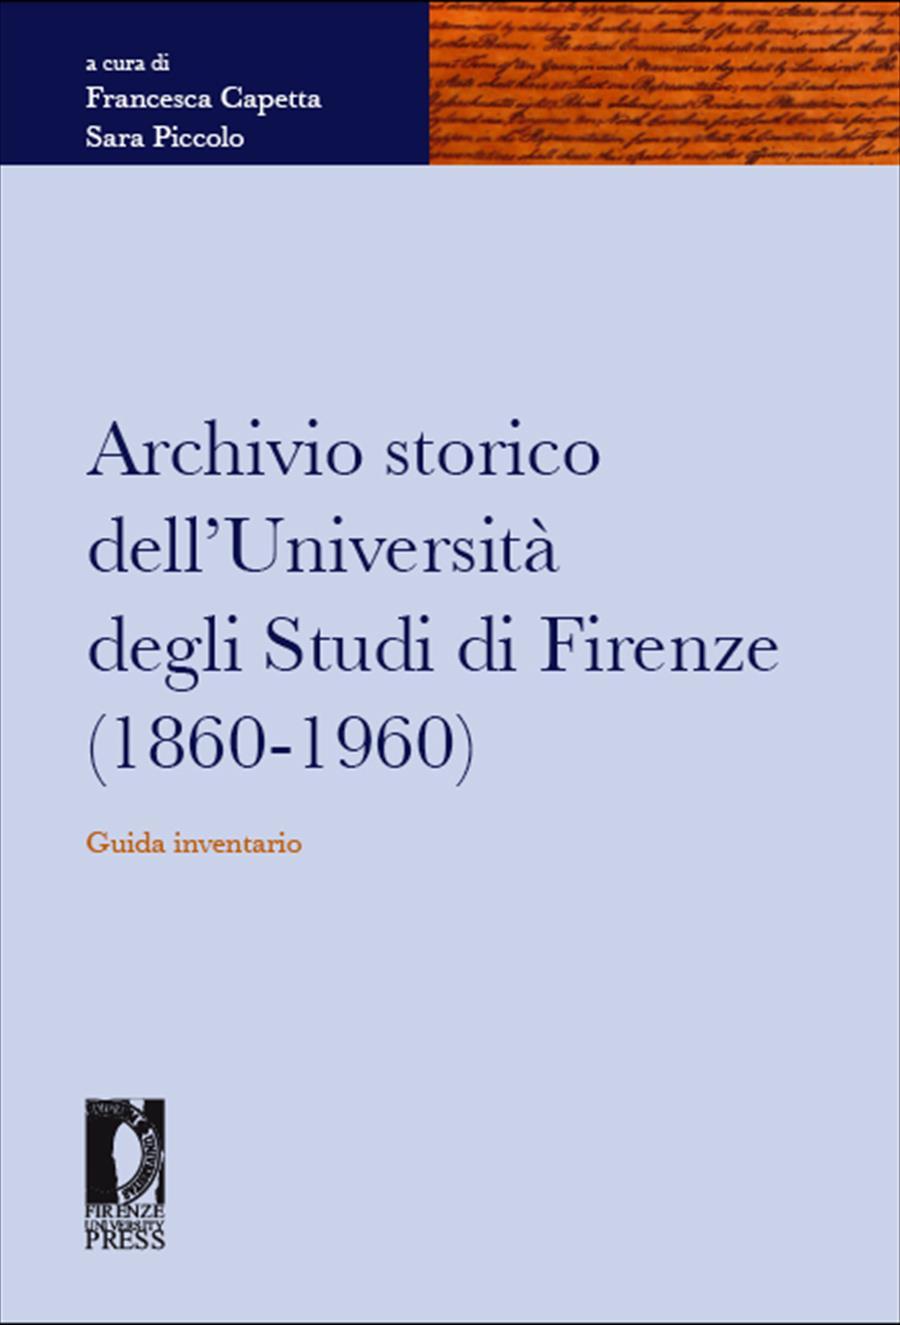 Archivio storico dell'Università degli Studi di Firenze (1860-1960)